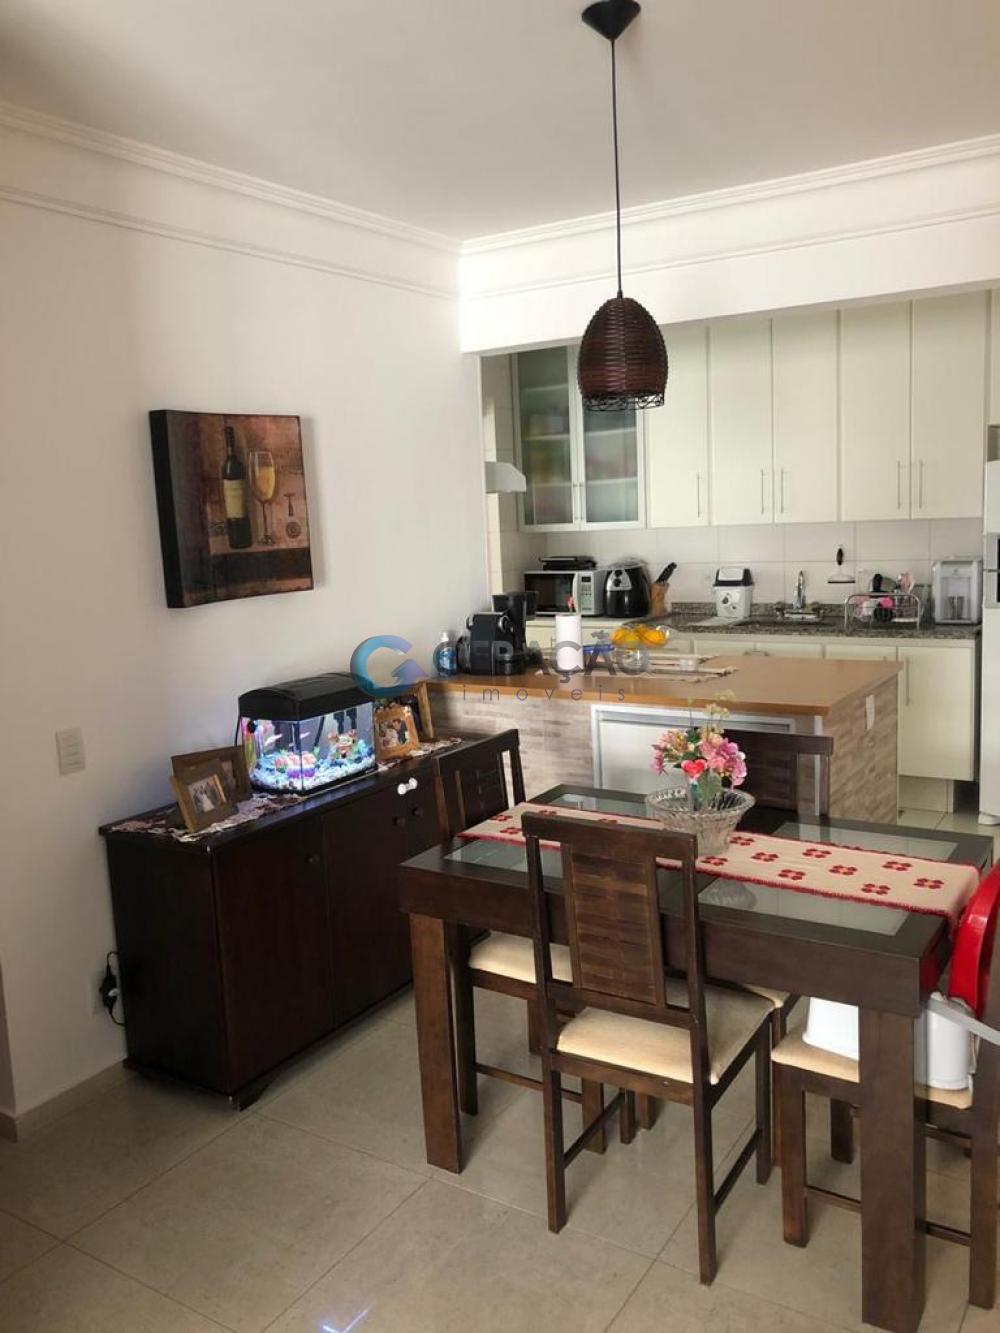 Comprar Apartamento / Padrão em São Paulo apenas R$ 1.300.000,00 - Foto 7